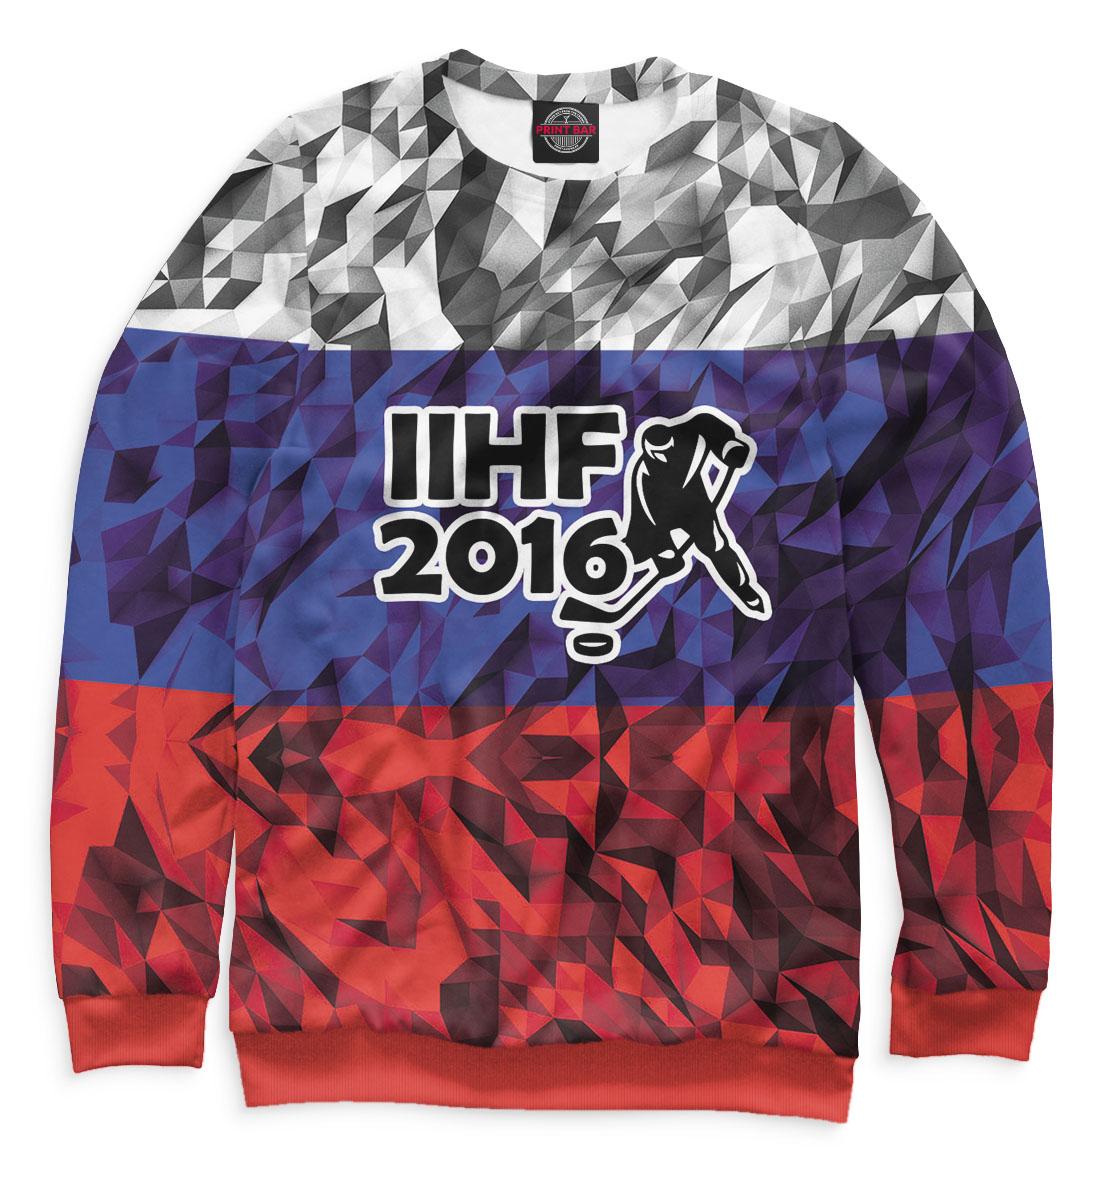 Купить ЧМ по хоккею 2016, Printbar, Свитшоты, HOK-962837-swi-2